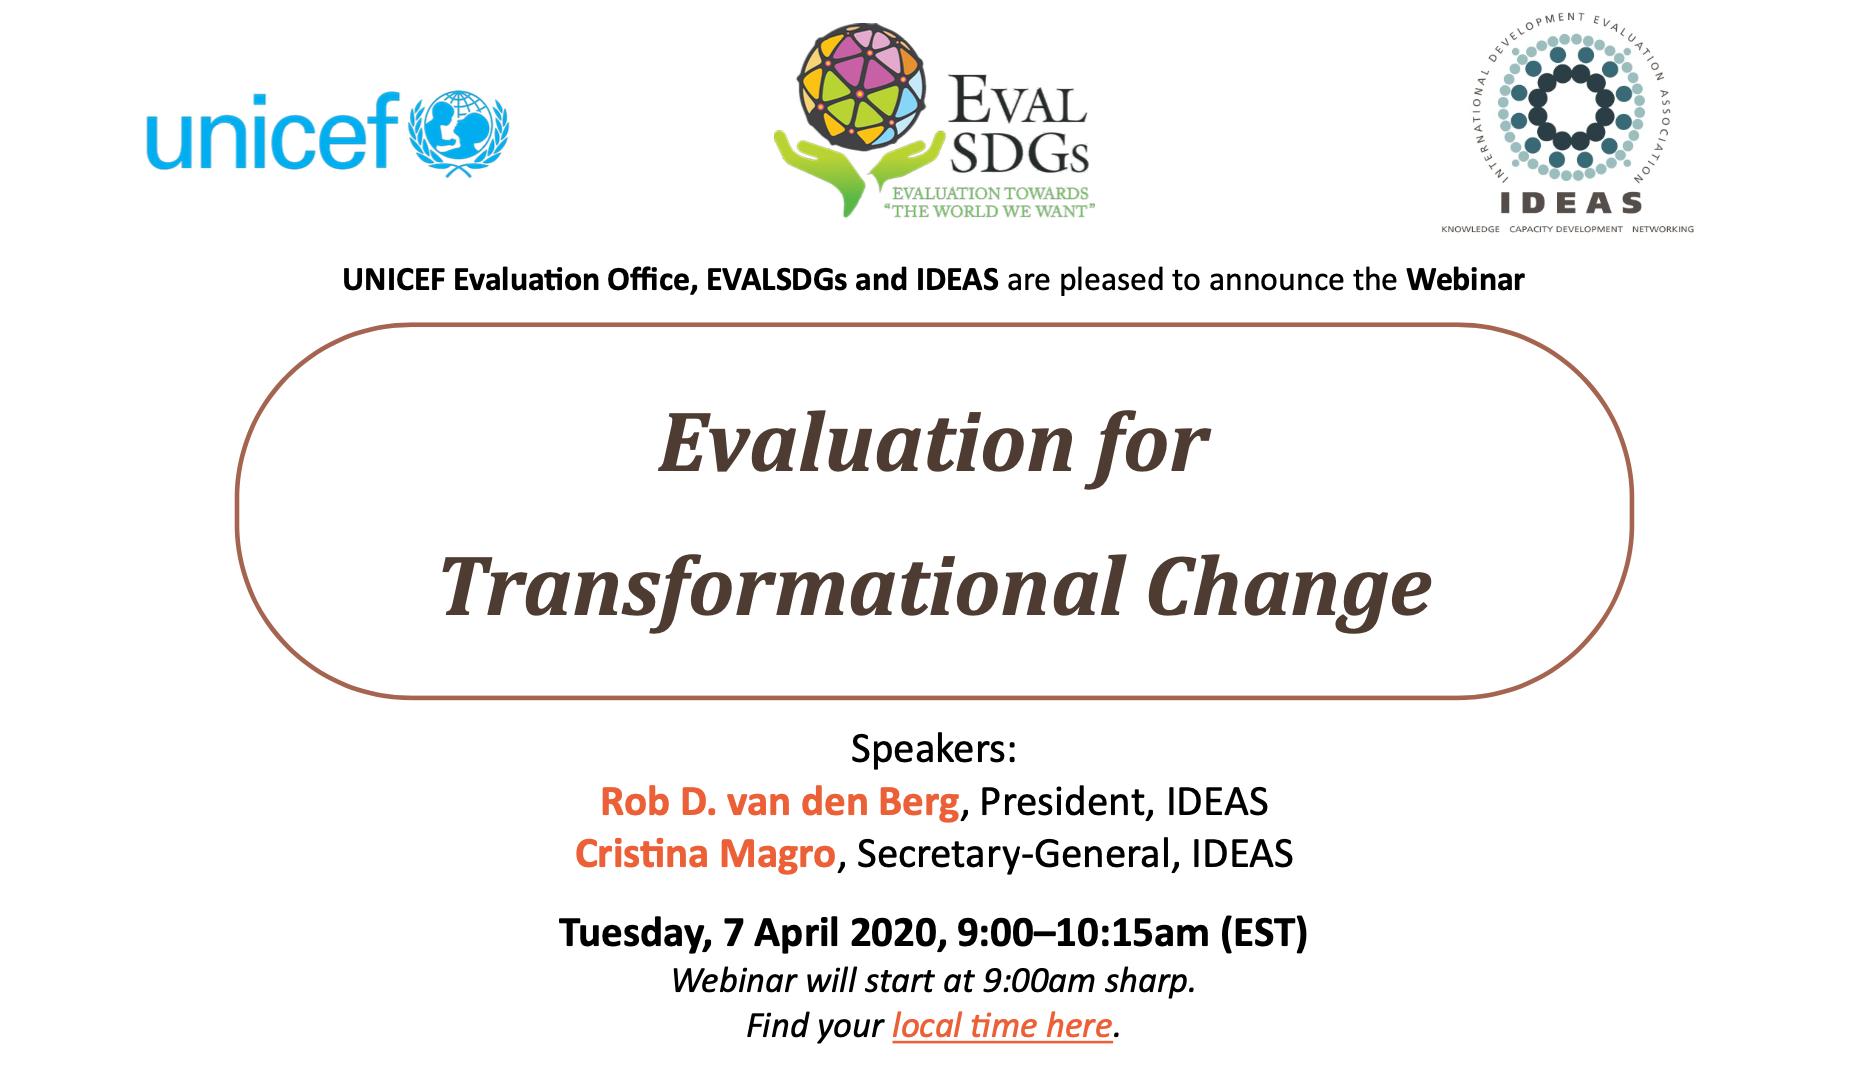 Webinar: Evaluation for Transformational Change